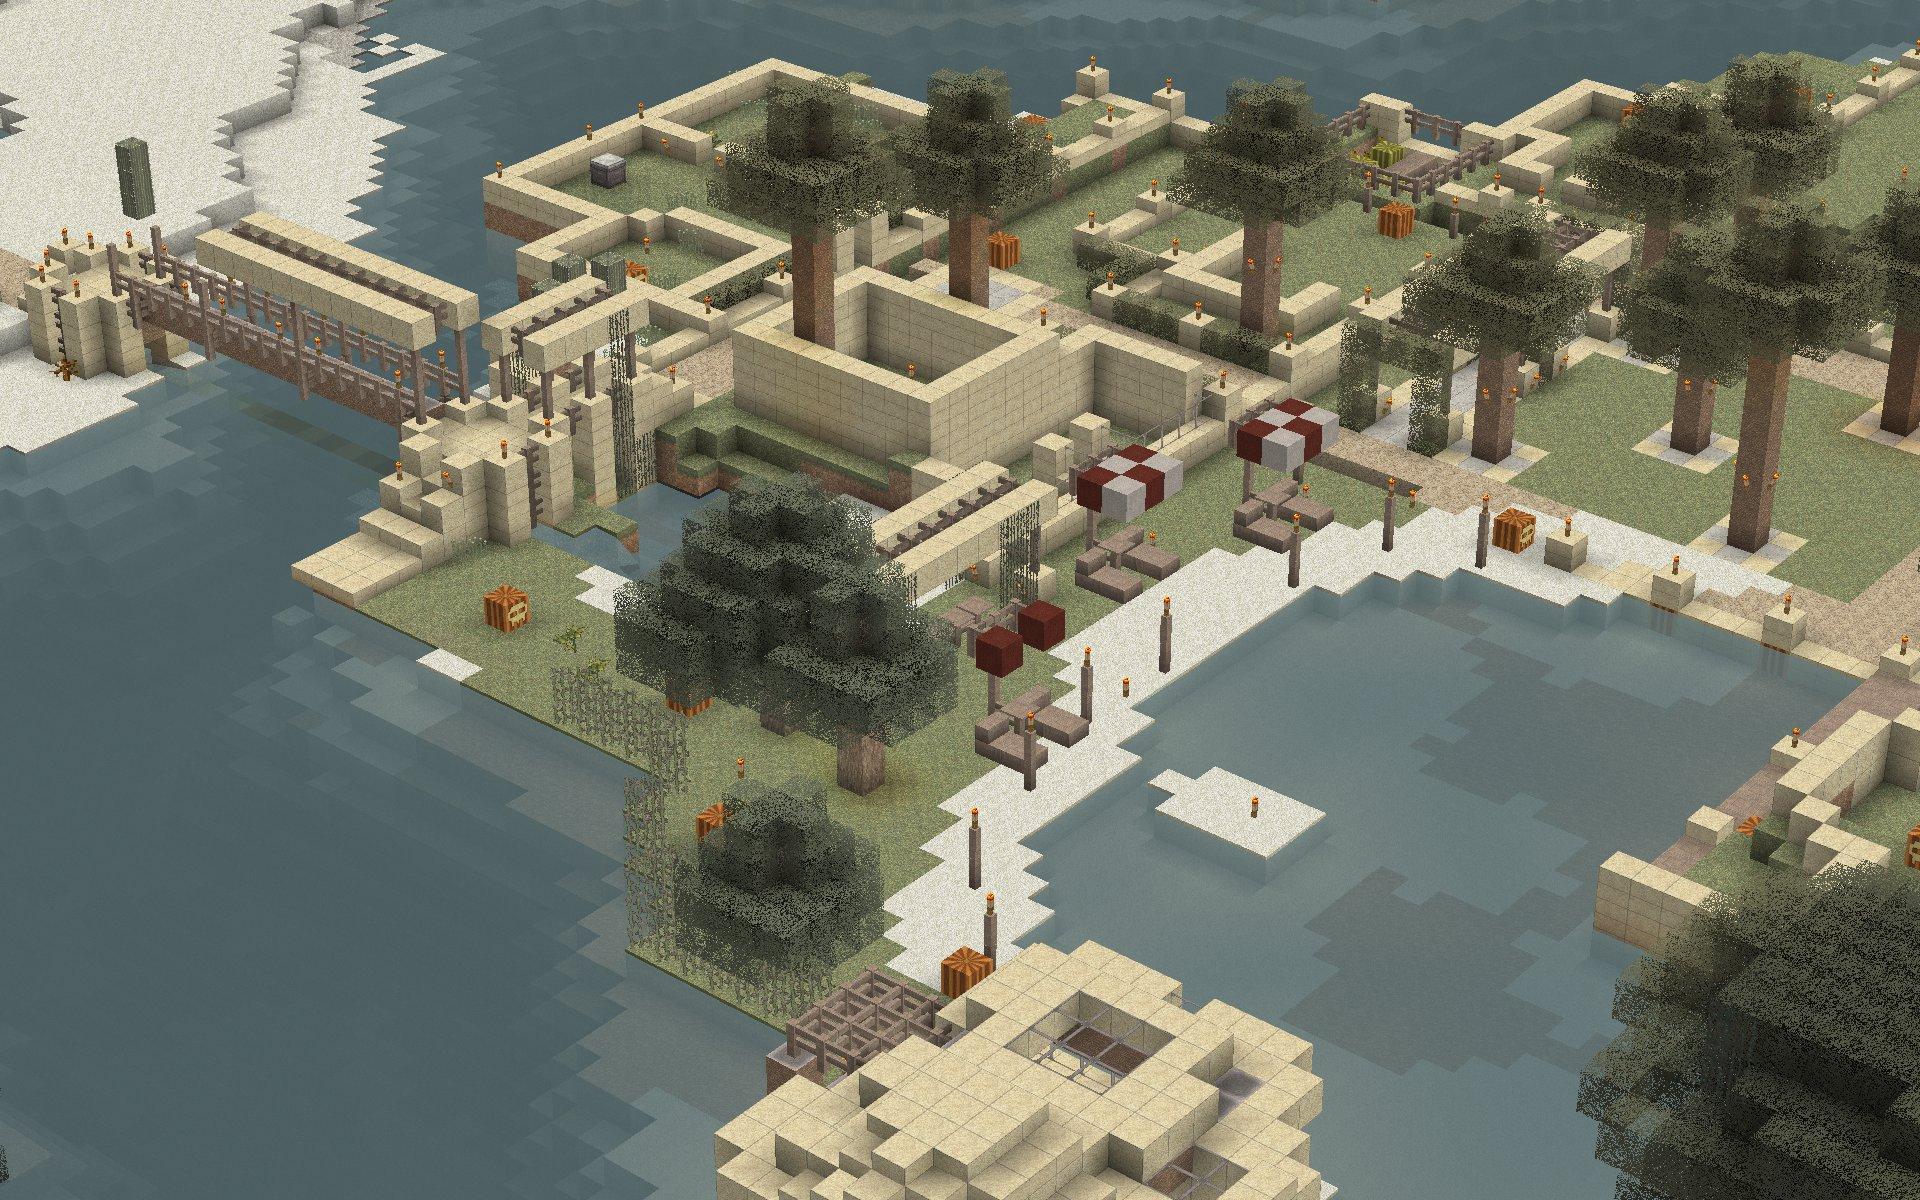 http://minecraft-forum.net/wp-content/uploads/2012/12/b4fc7__Arid-texture-pack-1.jpg